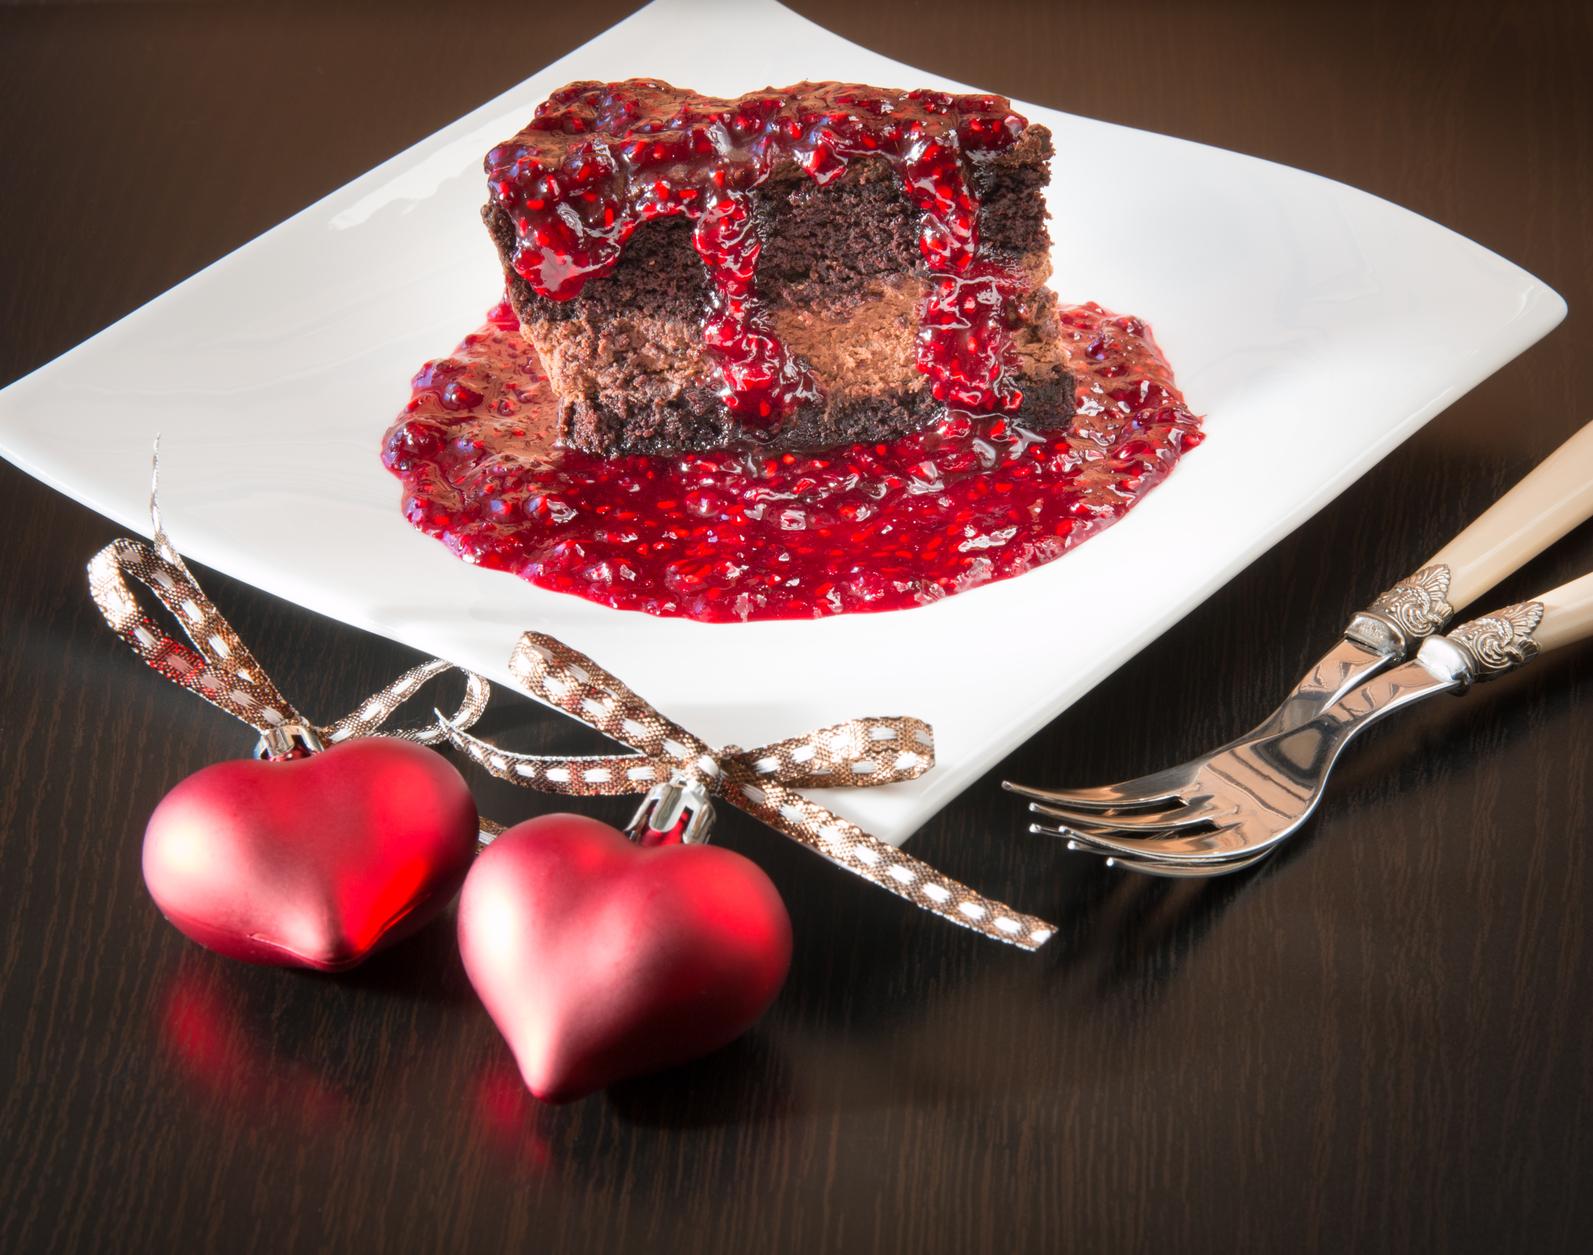 Torta de chocolate en salsa de frambuesa